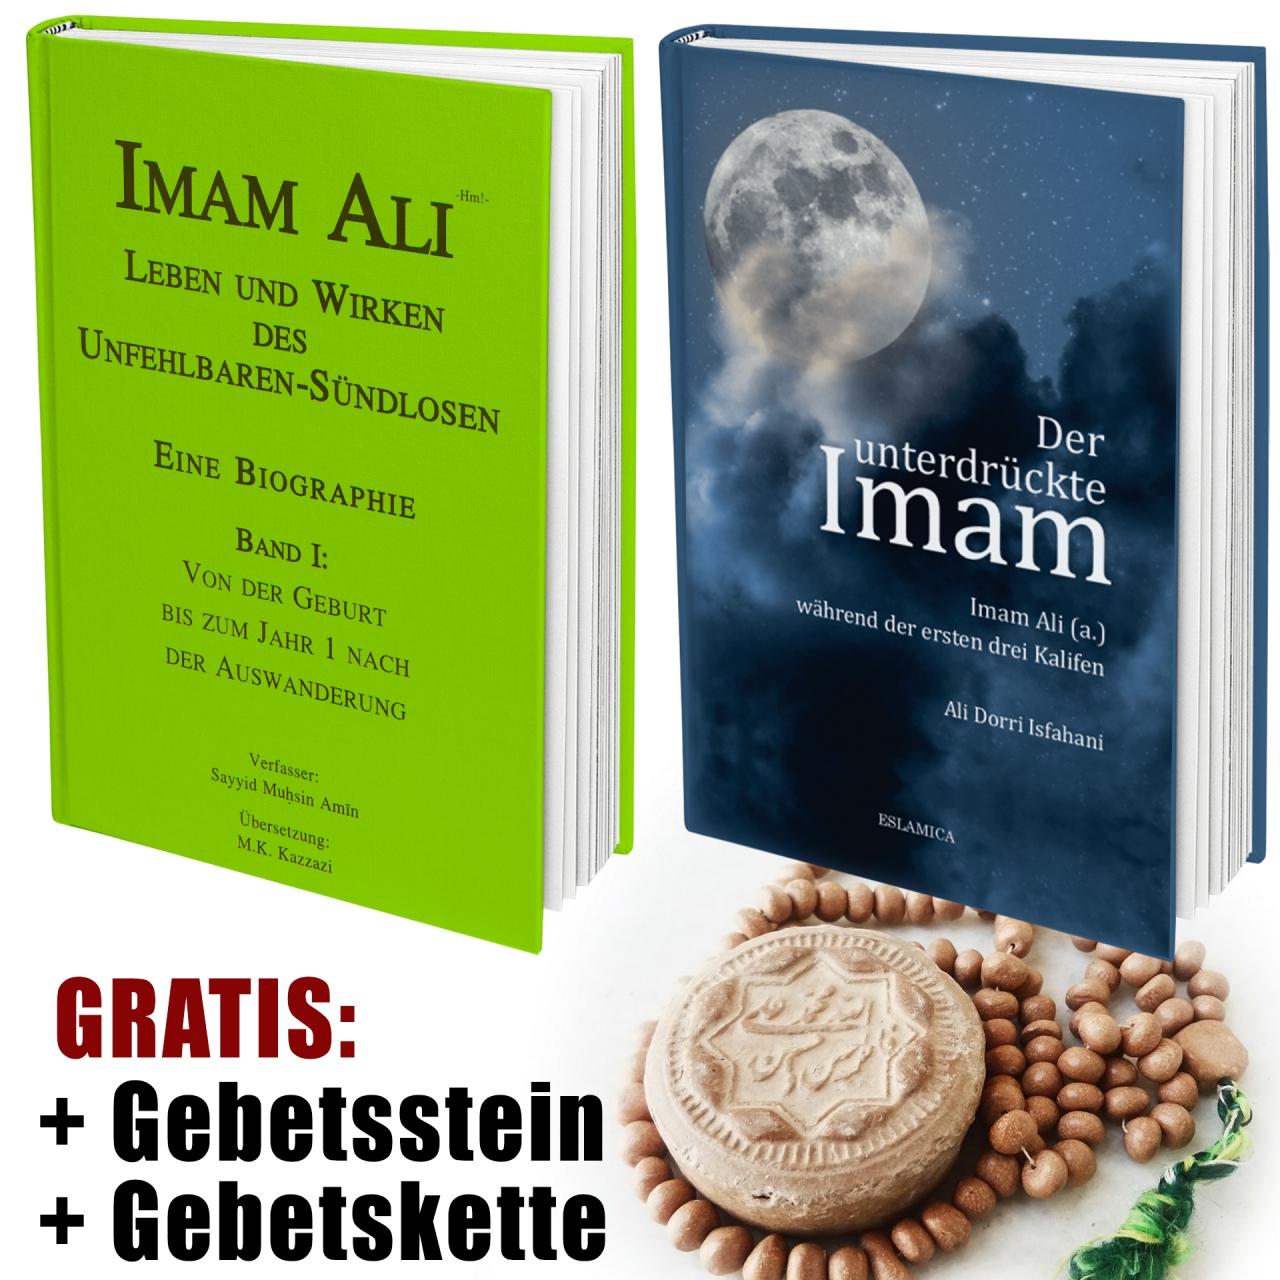 Bundel: Leben von Imam Ali + Unterdrückte Imam Ali + Gebetsstein + Gebetskette (Karbalah)